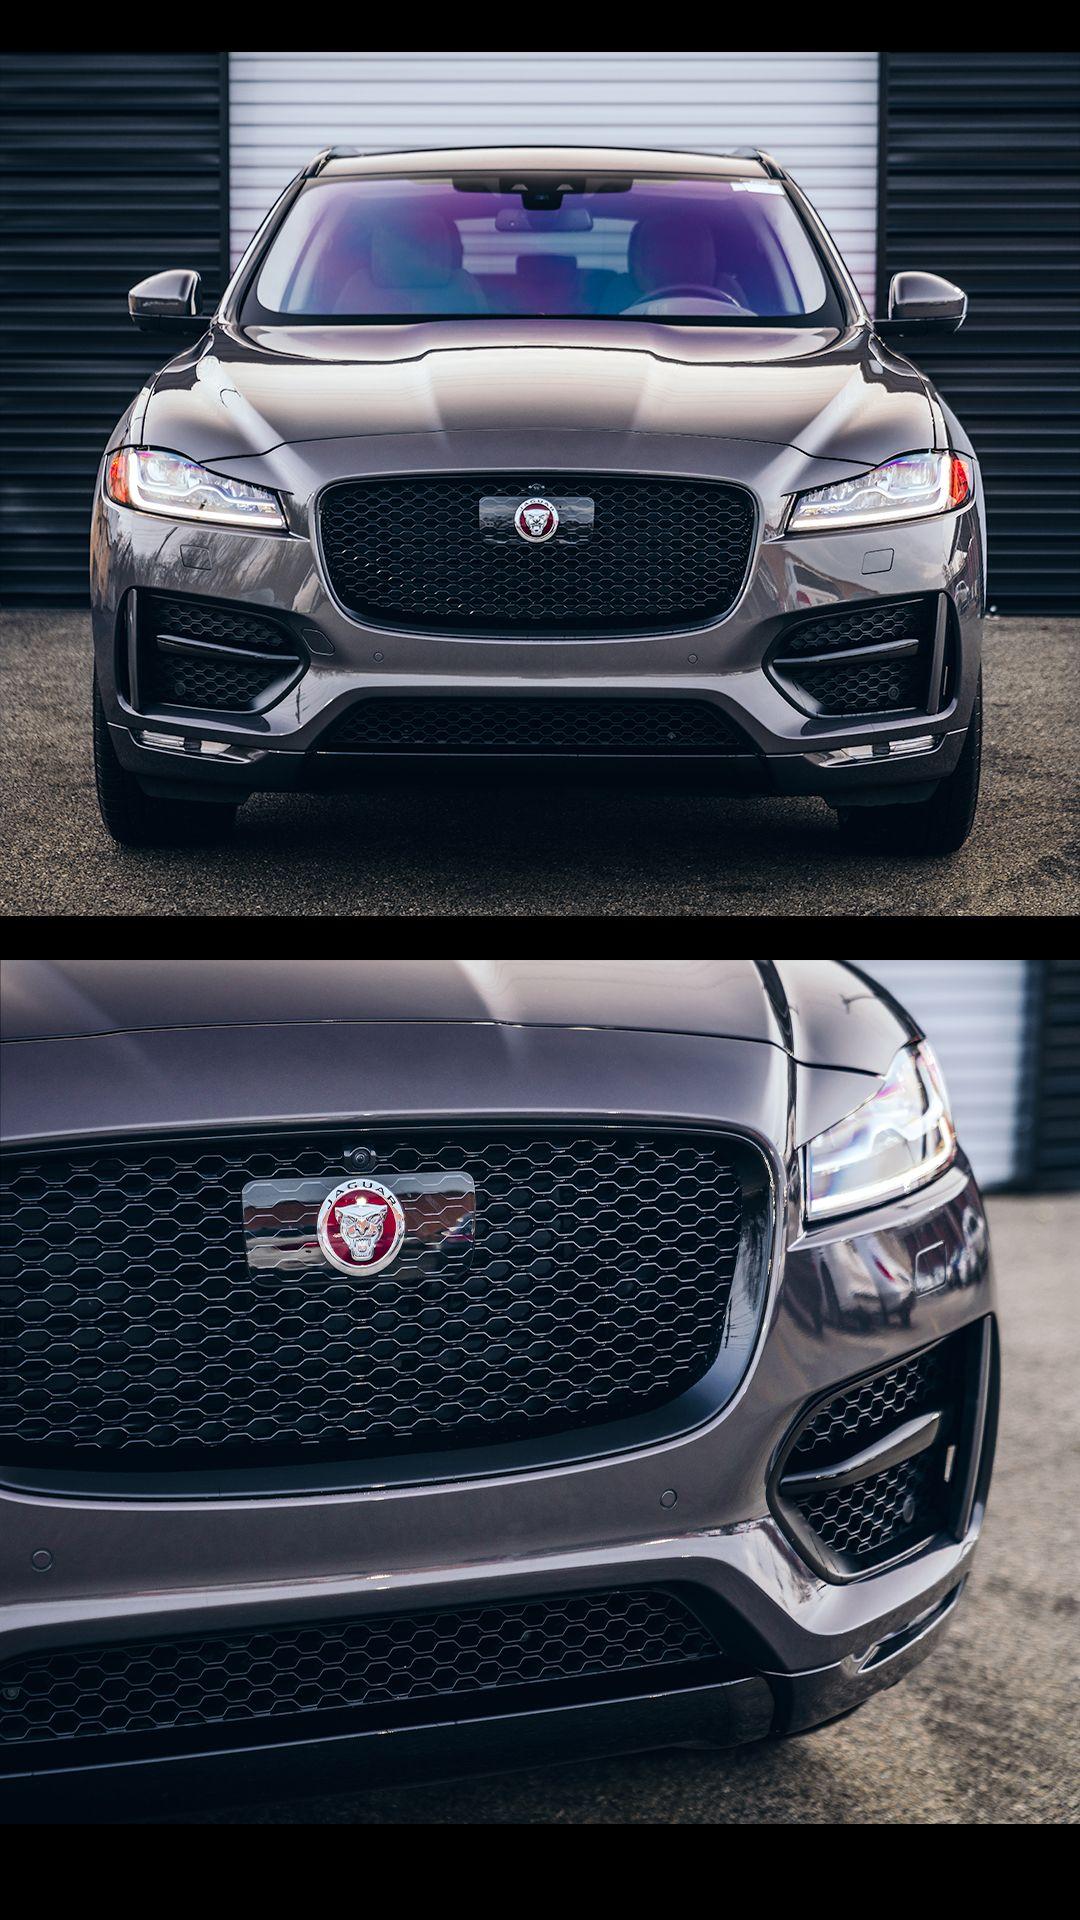 Jaguar F Pace 35t R Sport W Driver Assistance Package Used Luxury Cars Luxury Cars For Sale Jaguar